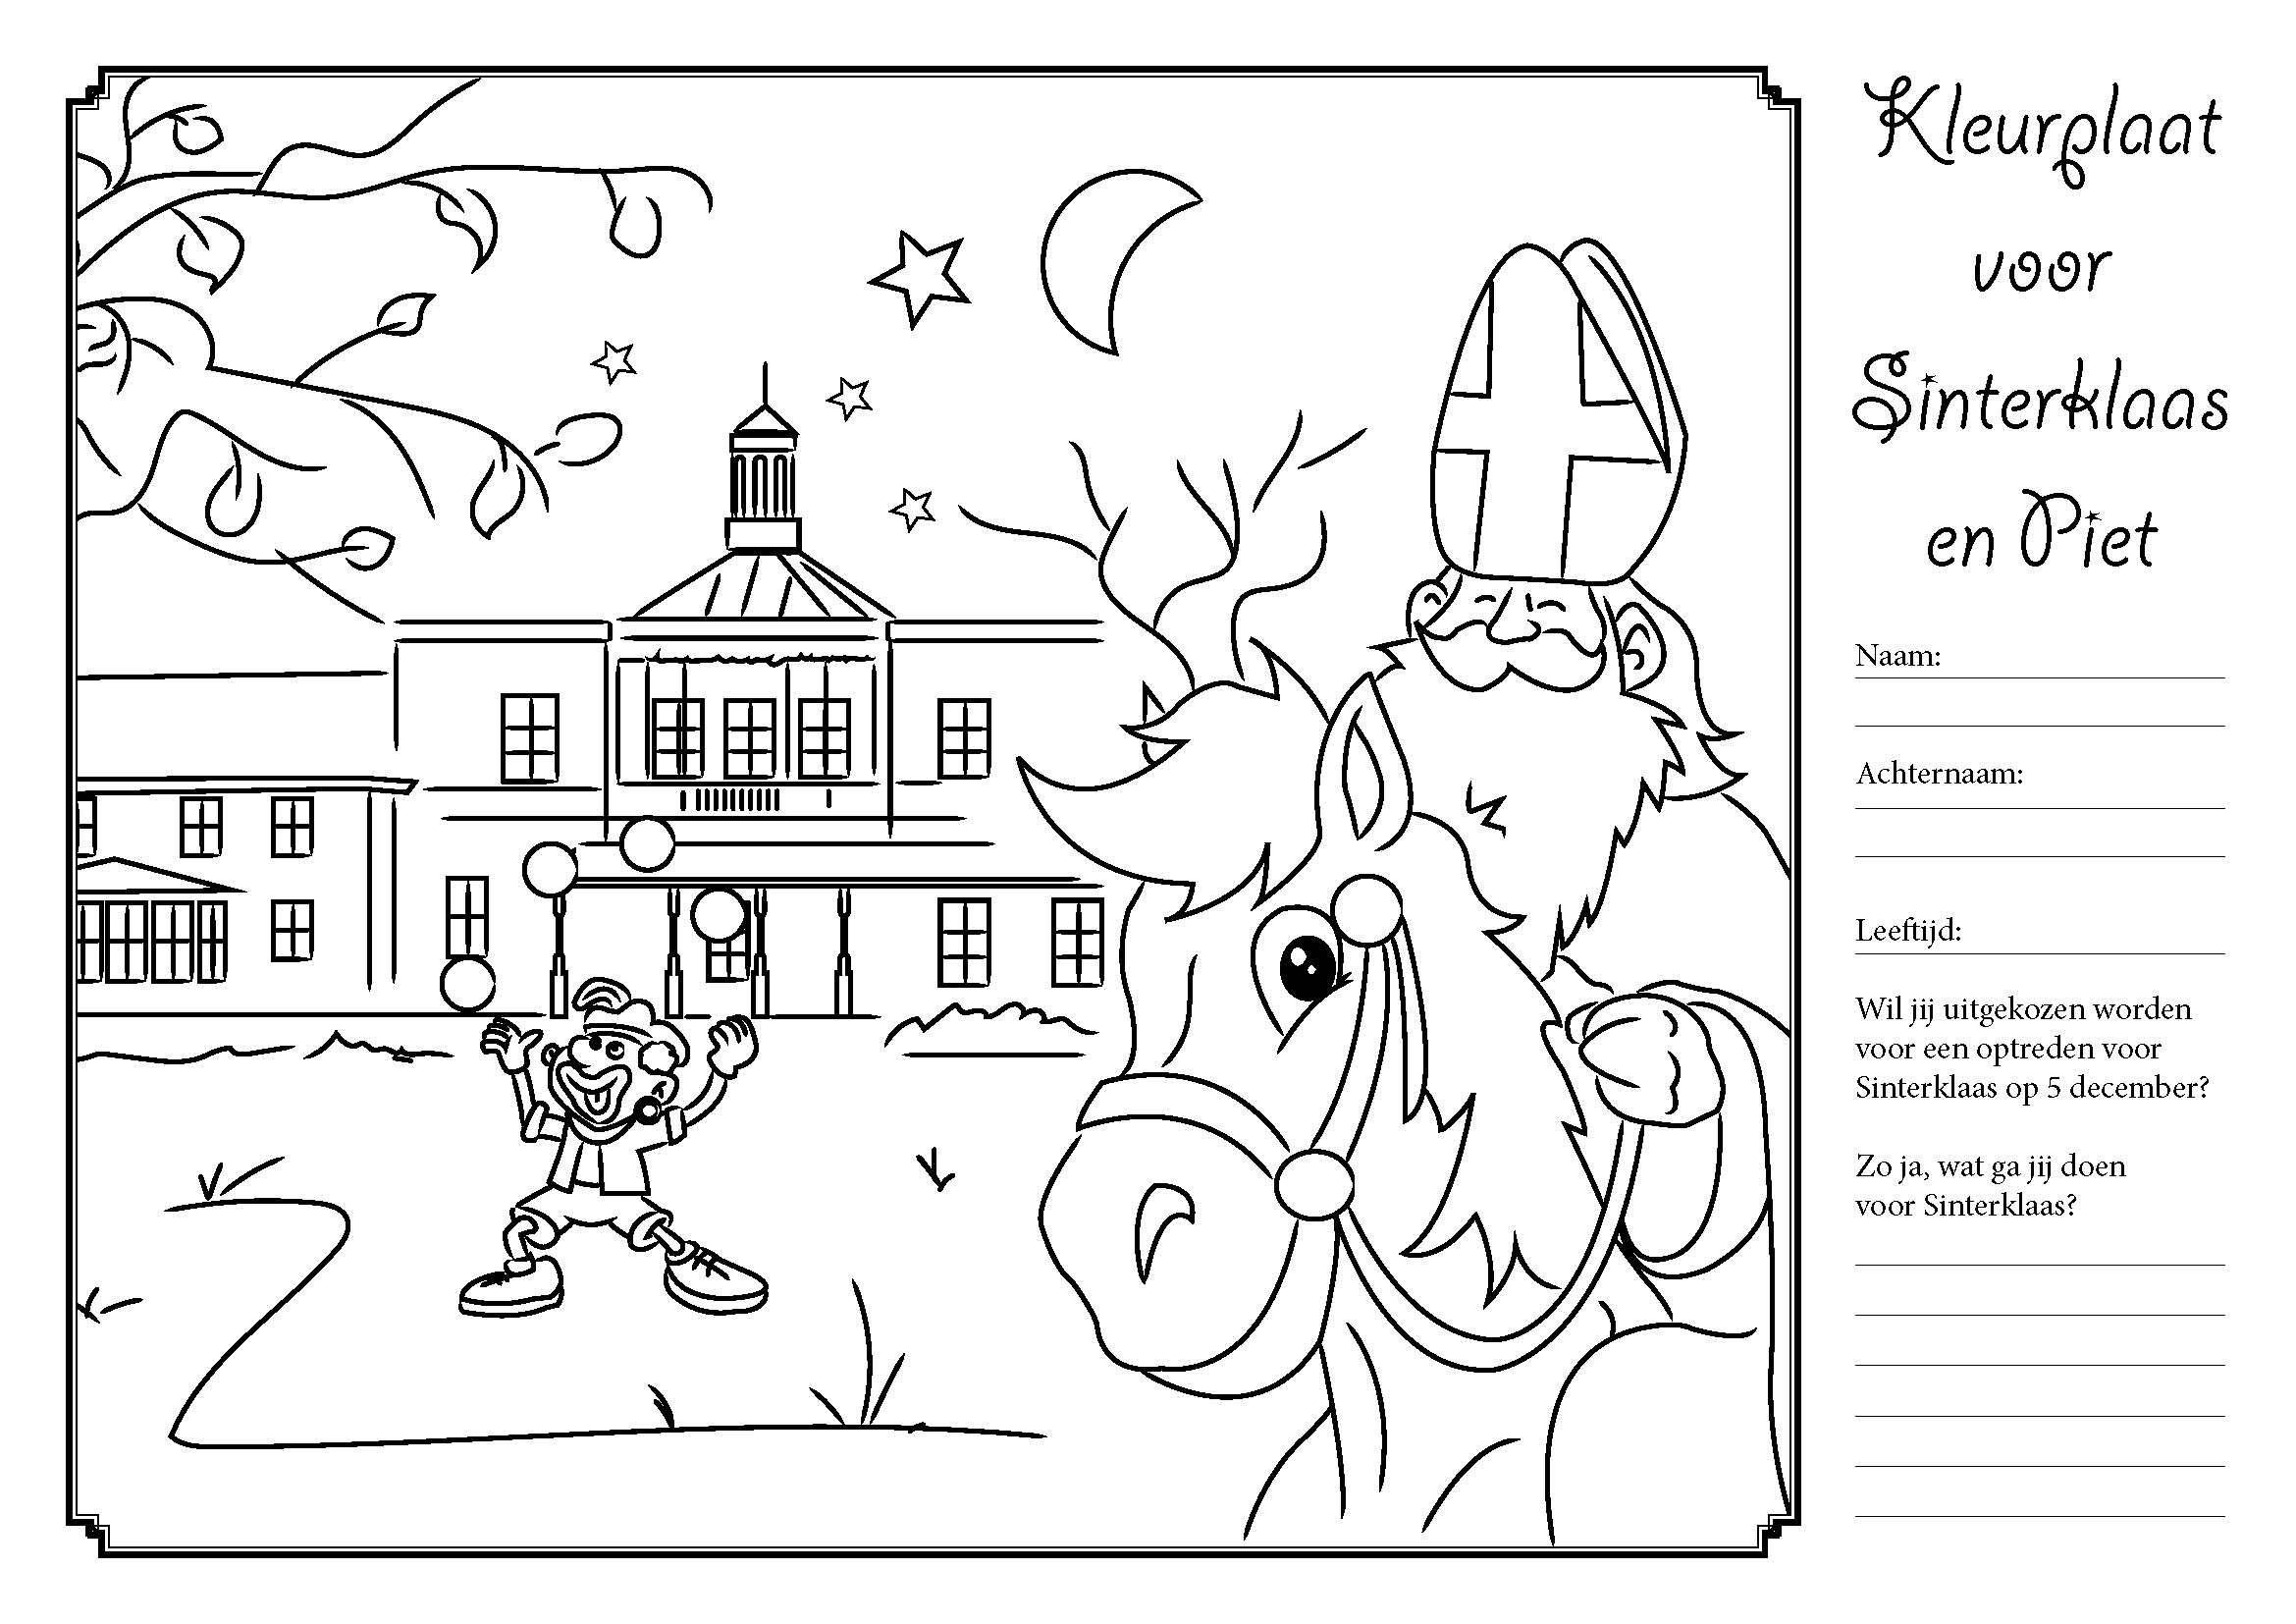 Nieuwe Kleurplaten Sinterklaas.Kleurplaat Downloaden Voor Sinterklaas Ockenburgh Idee Sinterklaas